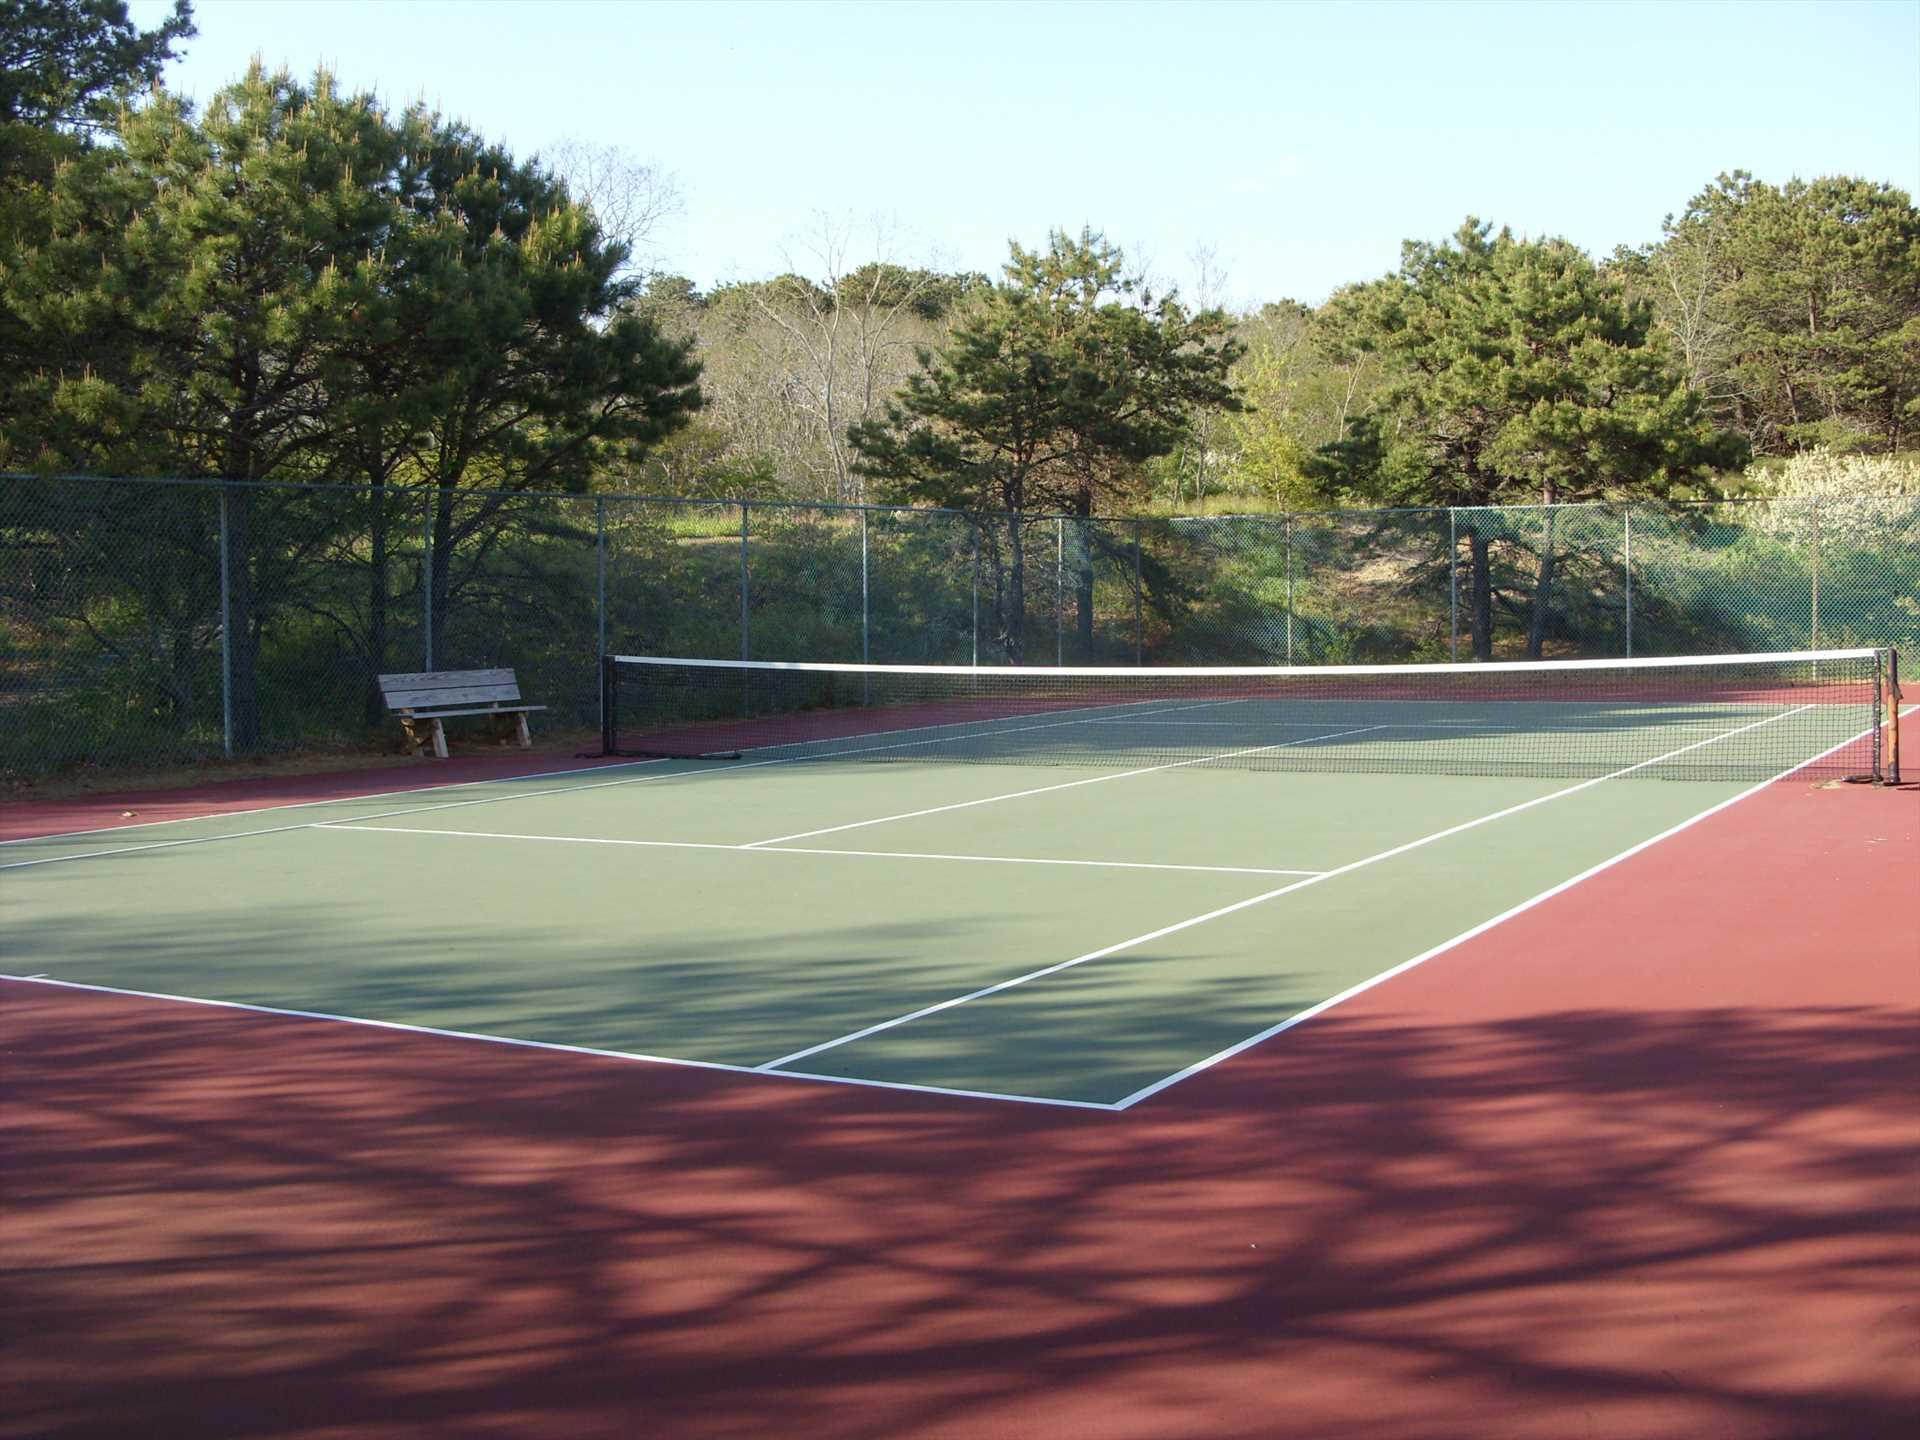 Shared tennis court